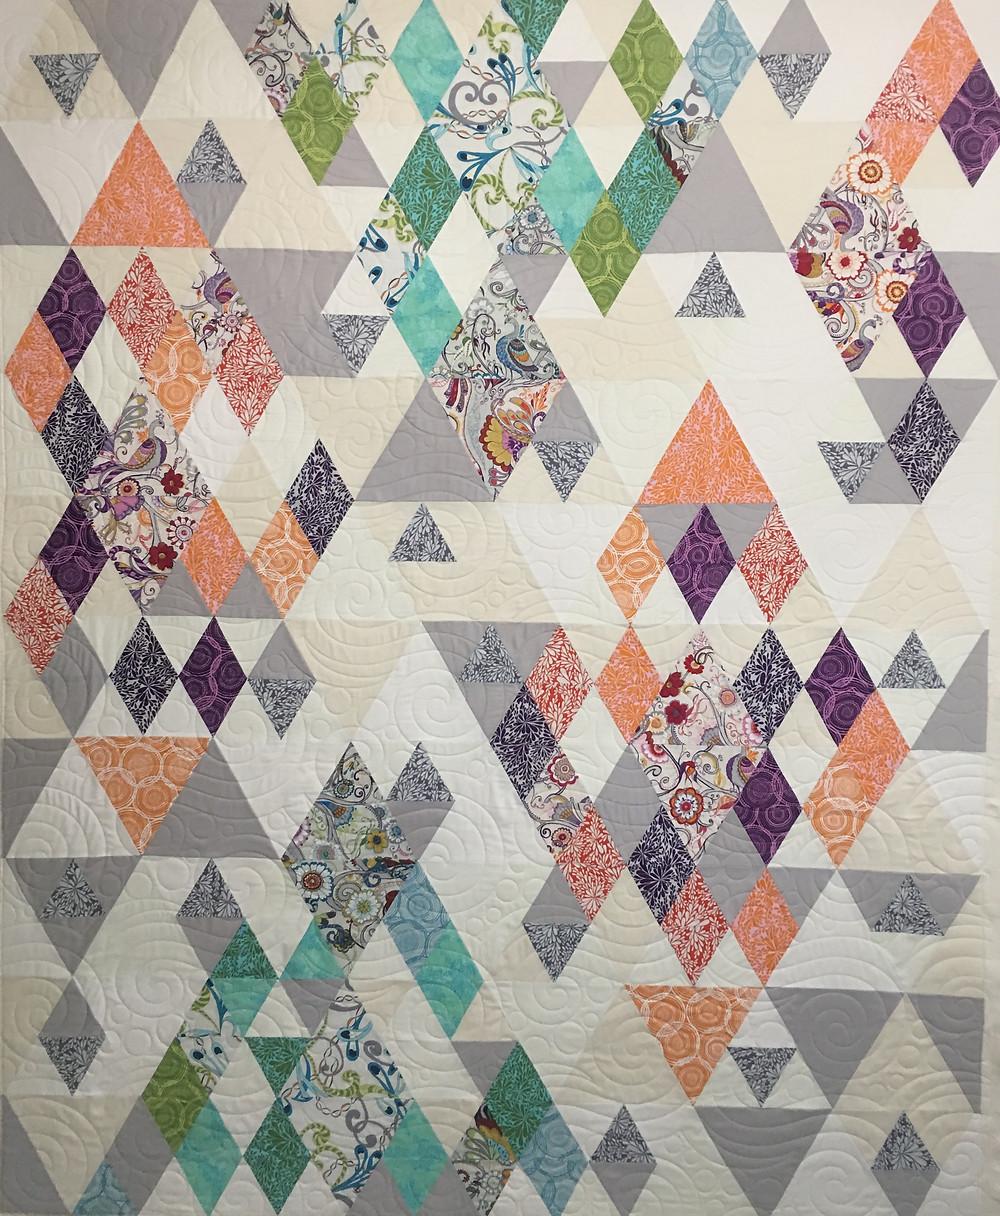 Dancing Quilt by Nancy Kear Johnson